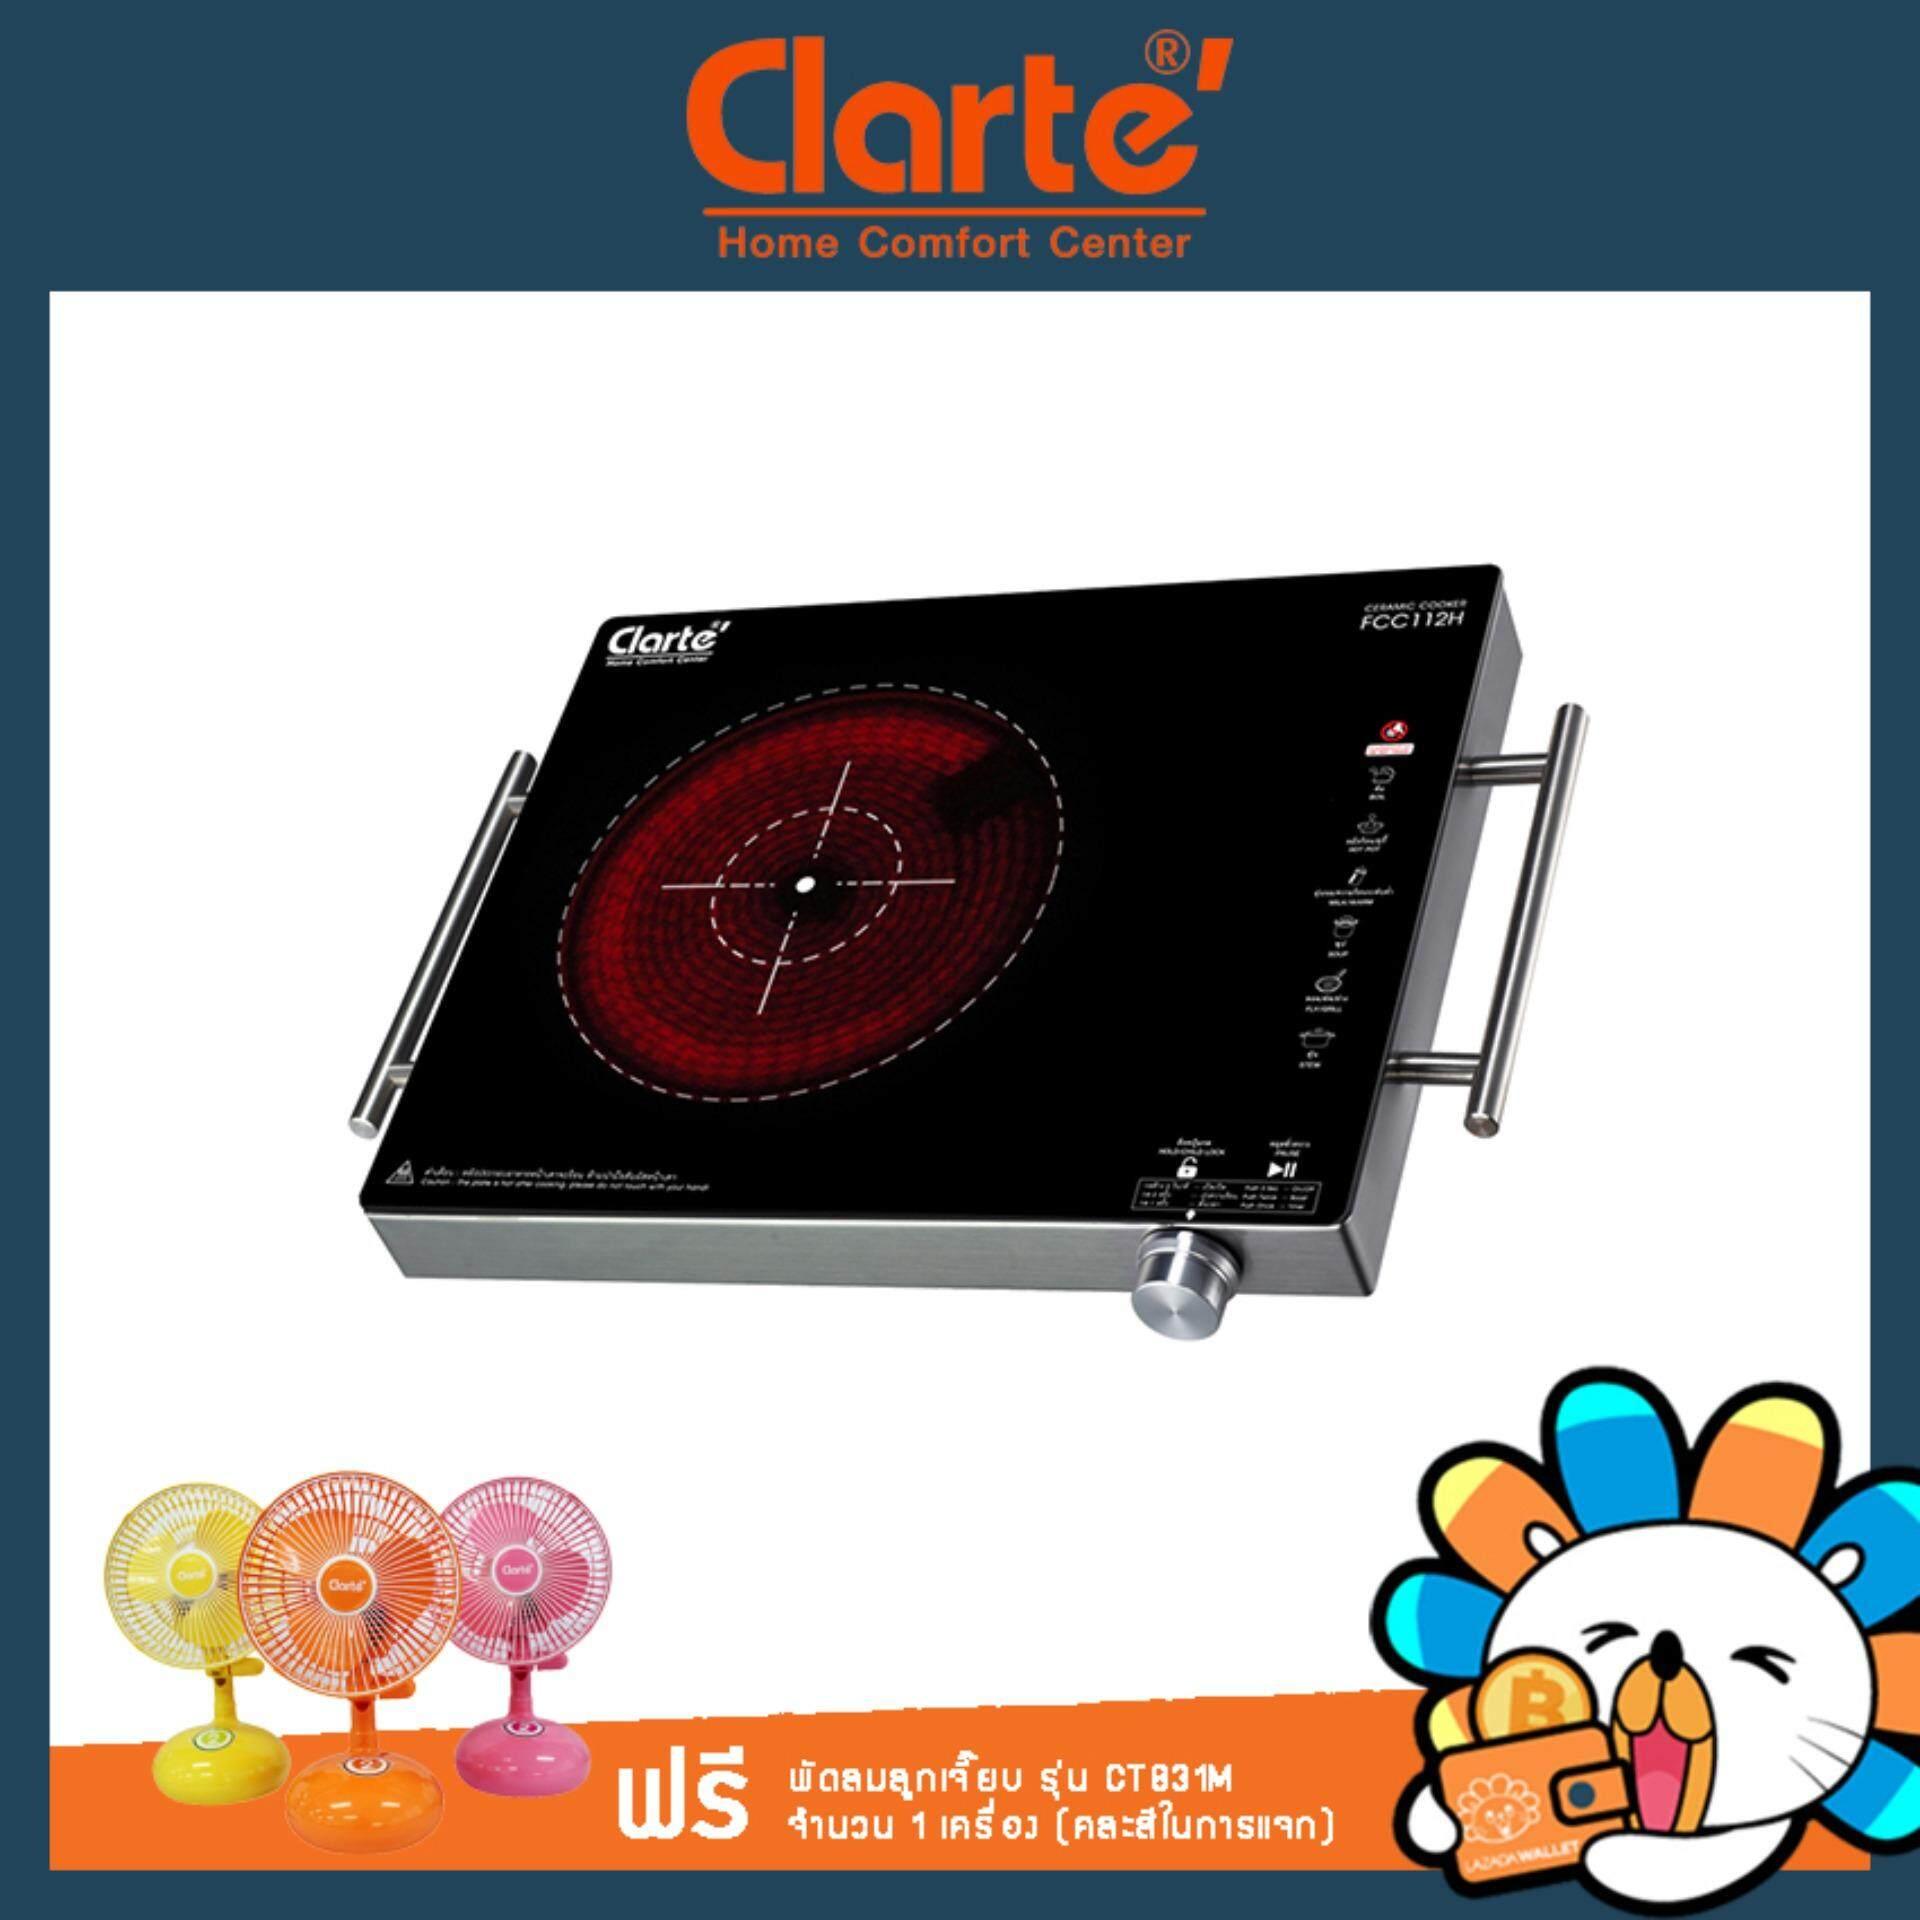 ส่วนลด Clarte เตาเซรามิกไฟฟ้า รุ่น Fcc112H กรุงเทพมหานคร